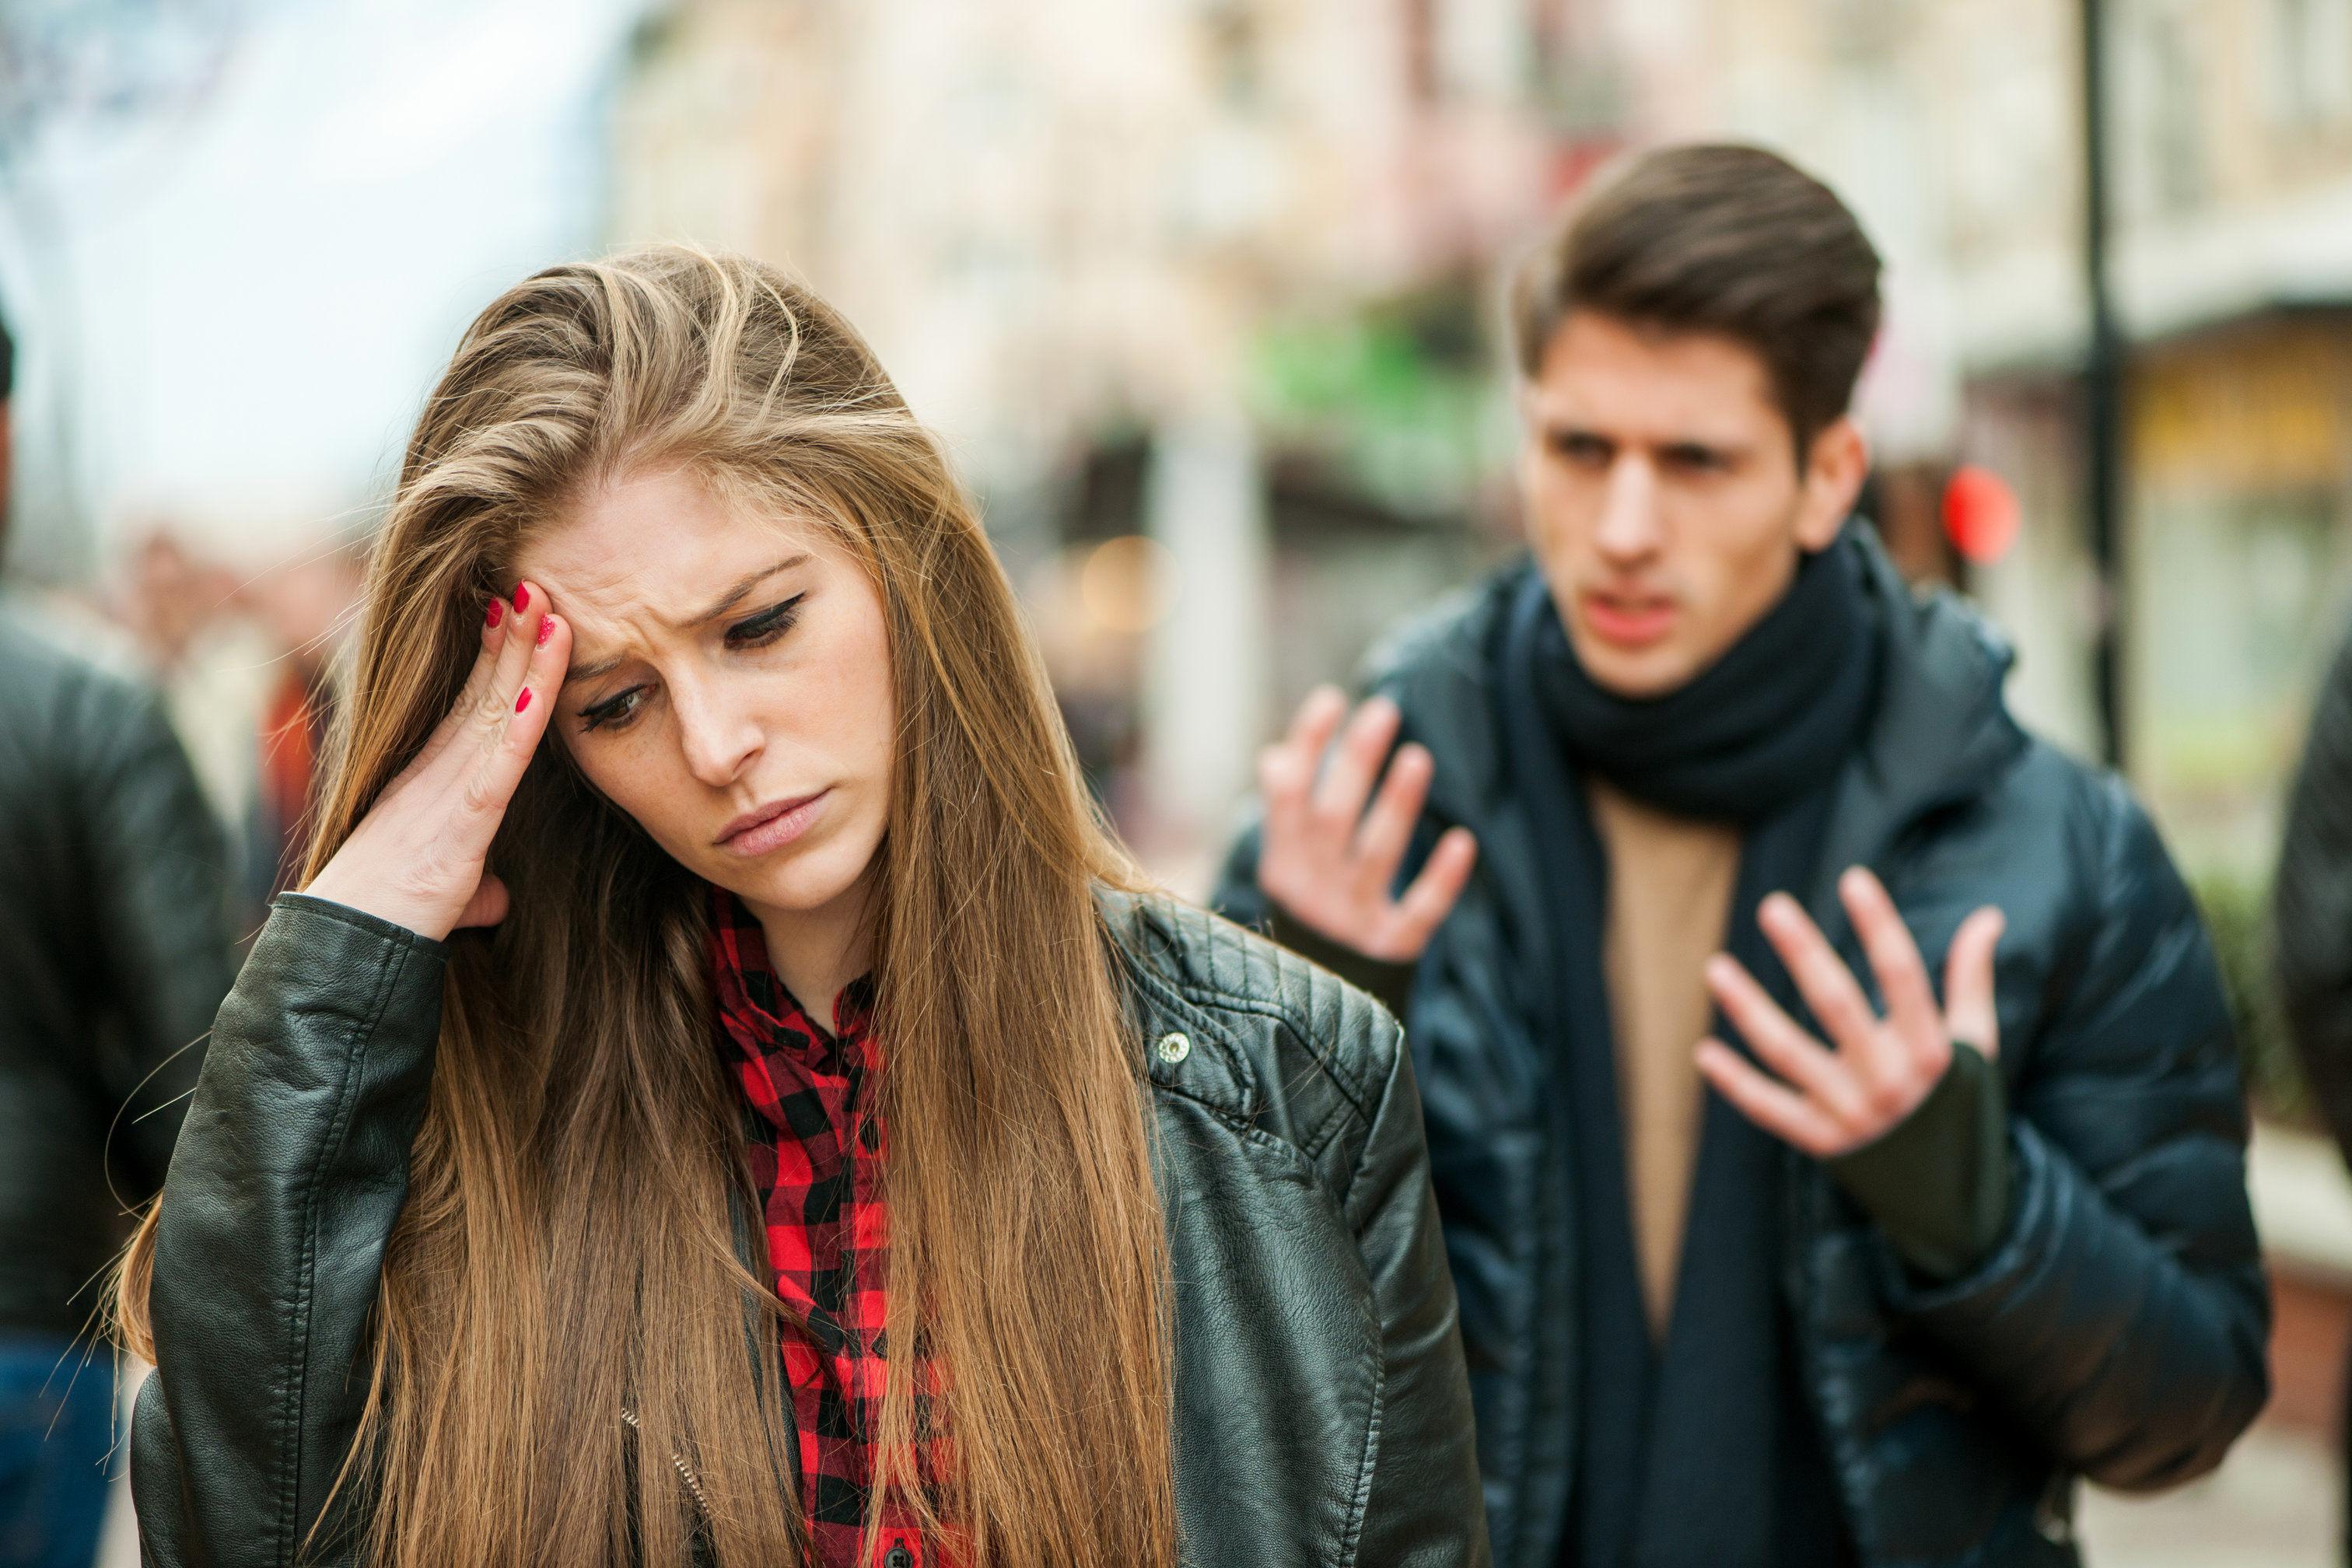 întâlnire relație serioasă fără înregistrare